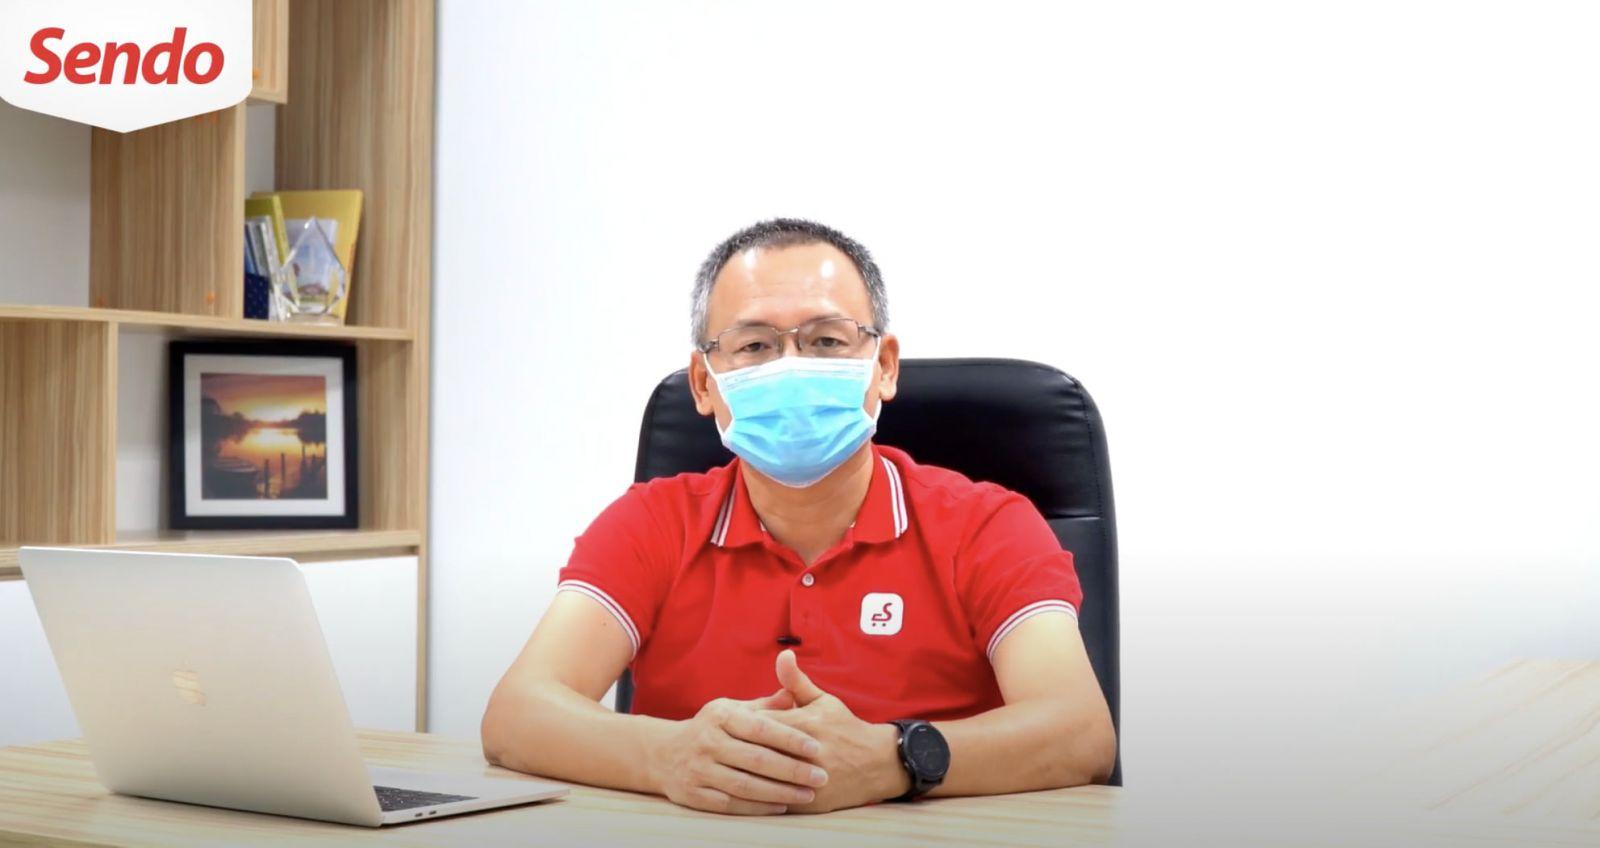 Ông Nguyễn Đắc Việt Dũng - Chủ tịch HĐQT Sendo